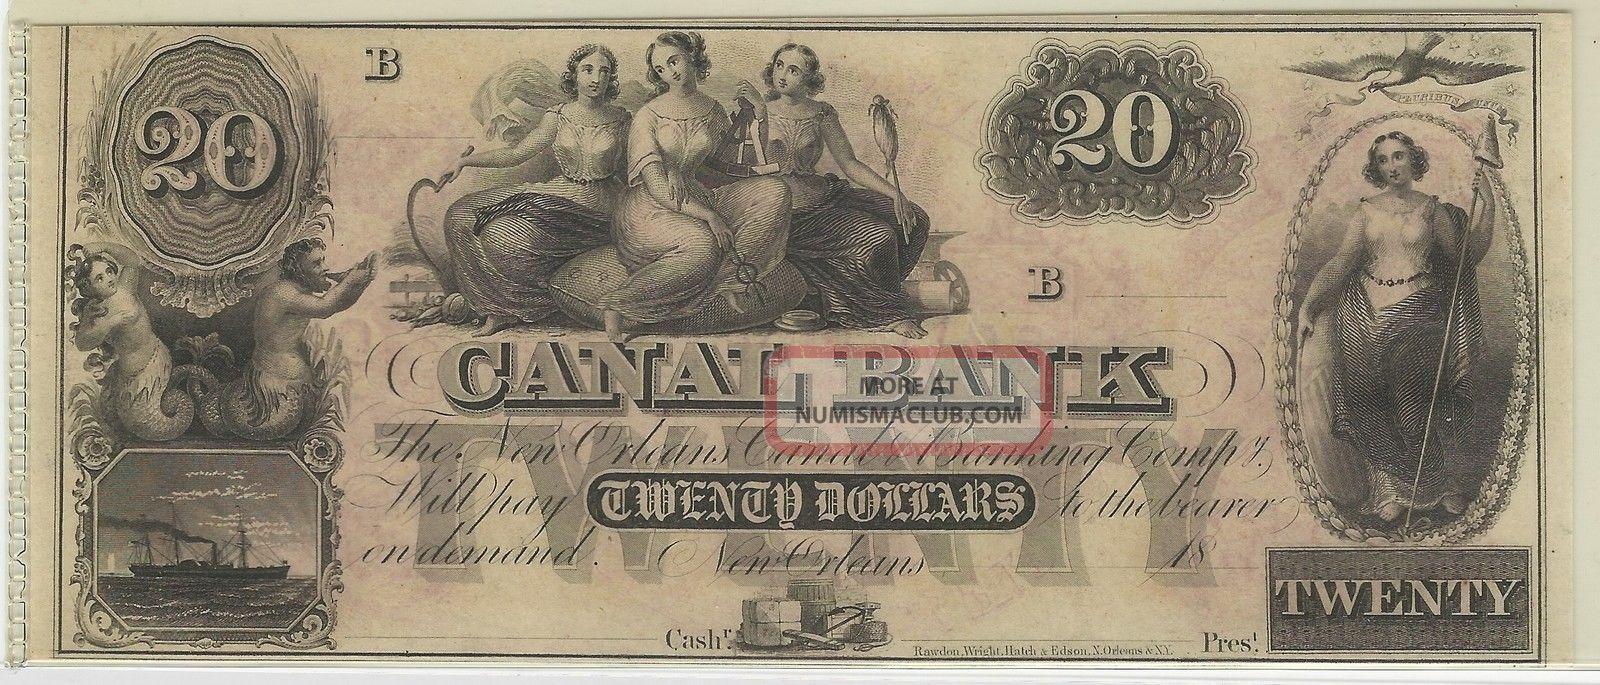 Canal Bank,  Orleans,  La,  Remainder Note,  1800 ' S - $20 - 01 Paper Money: US photo